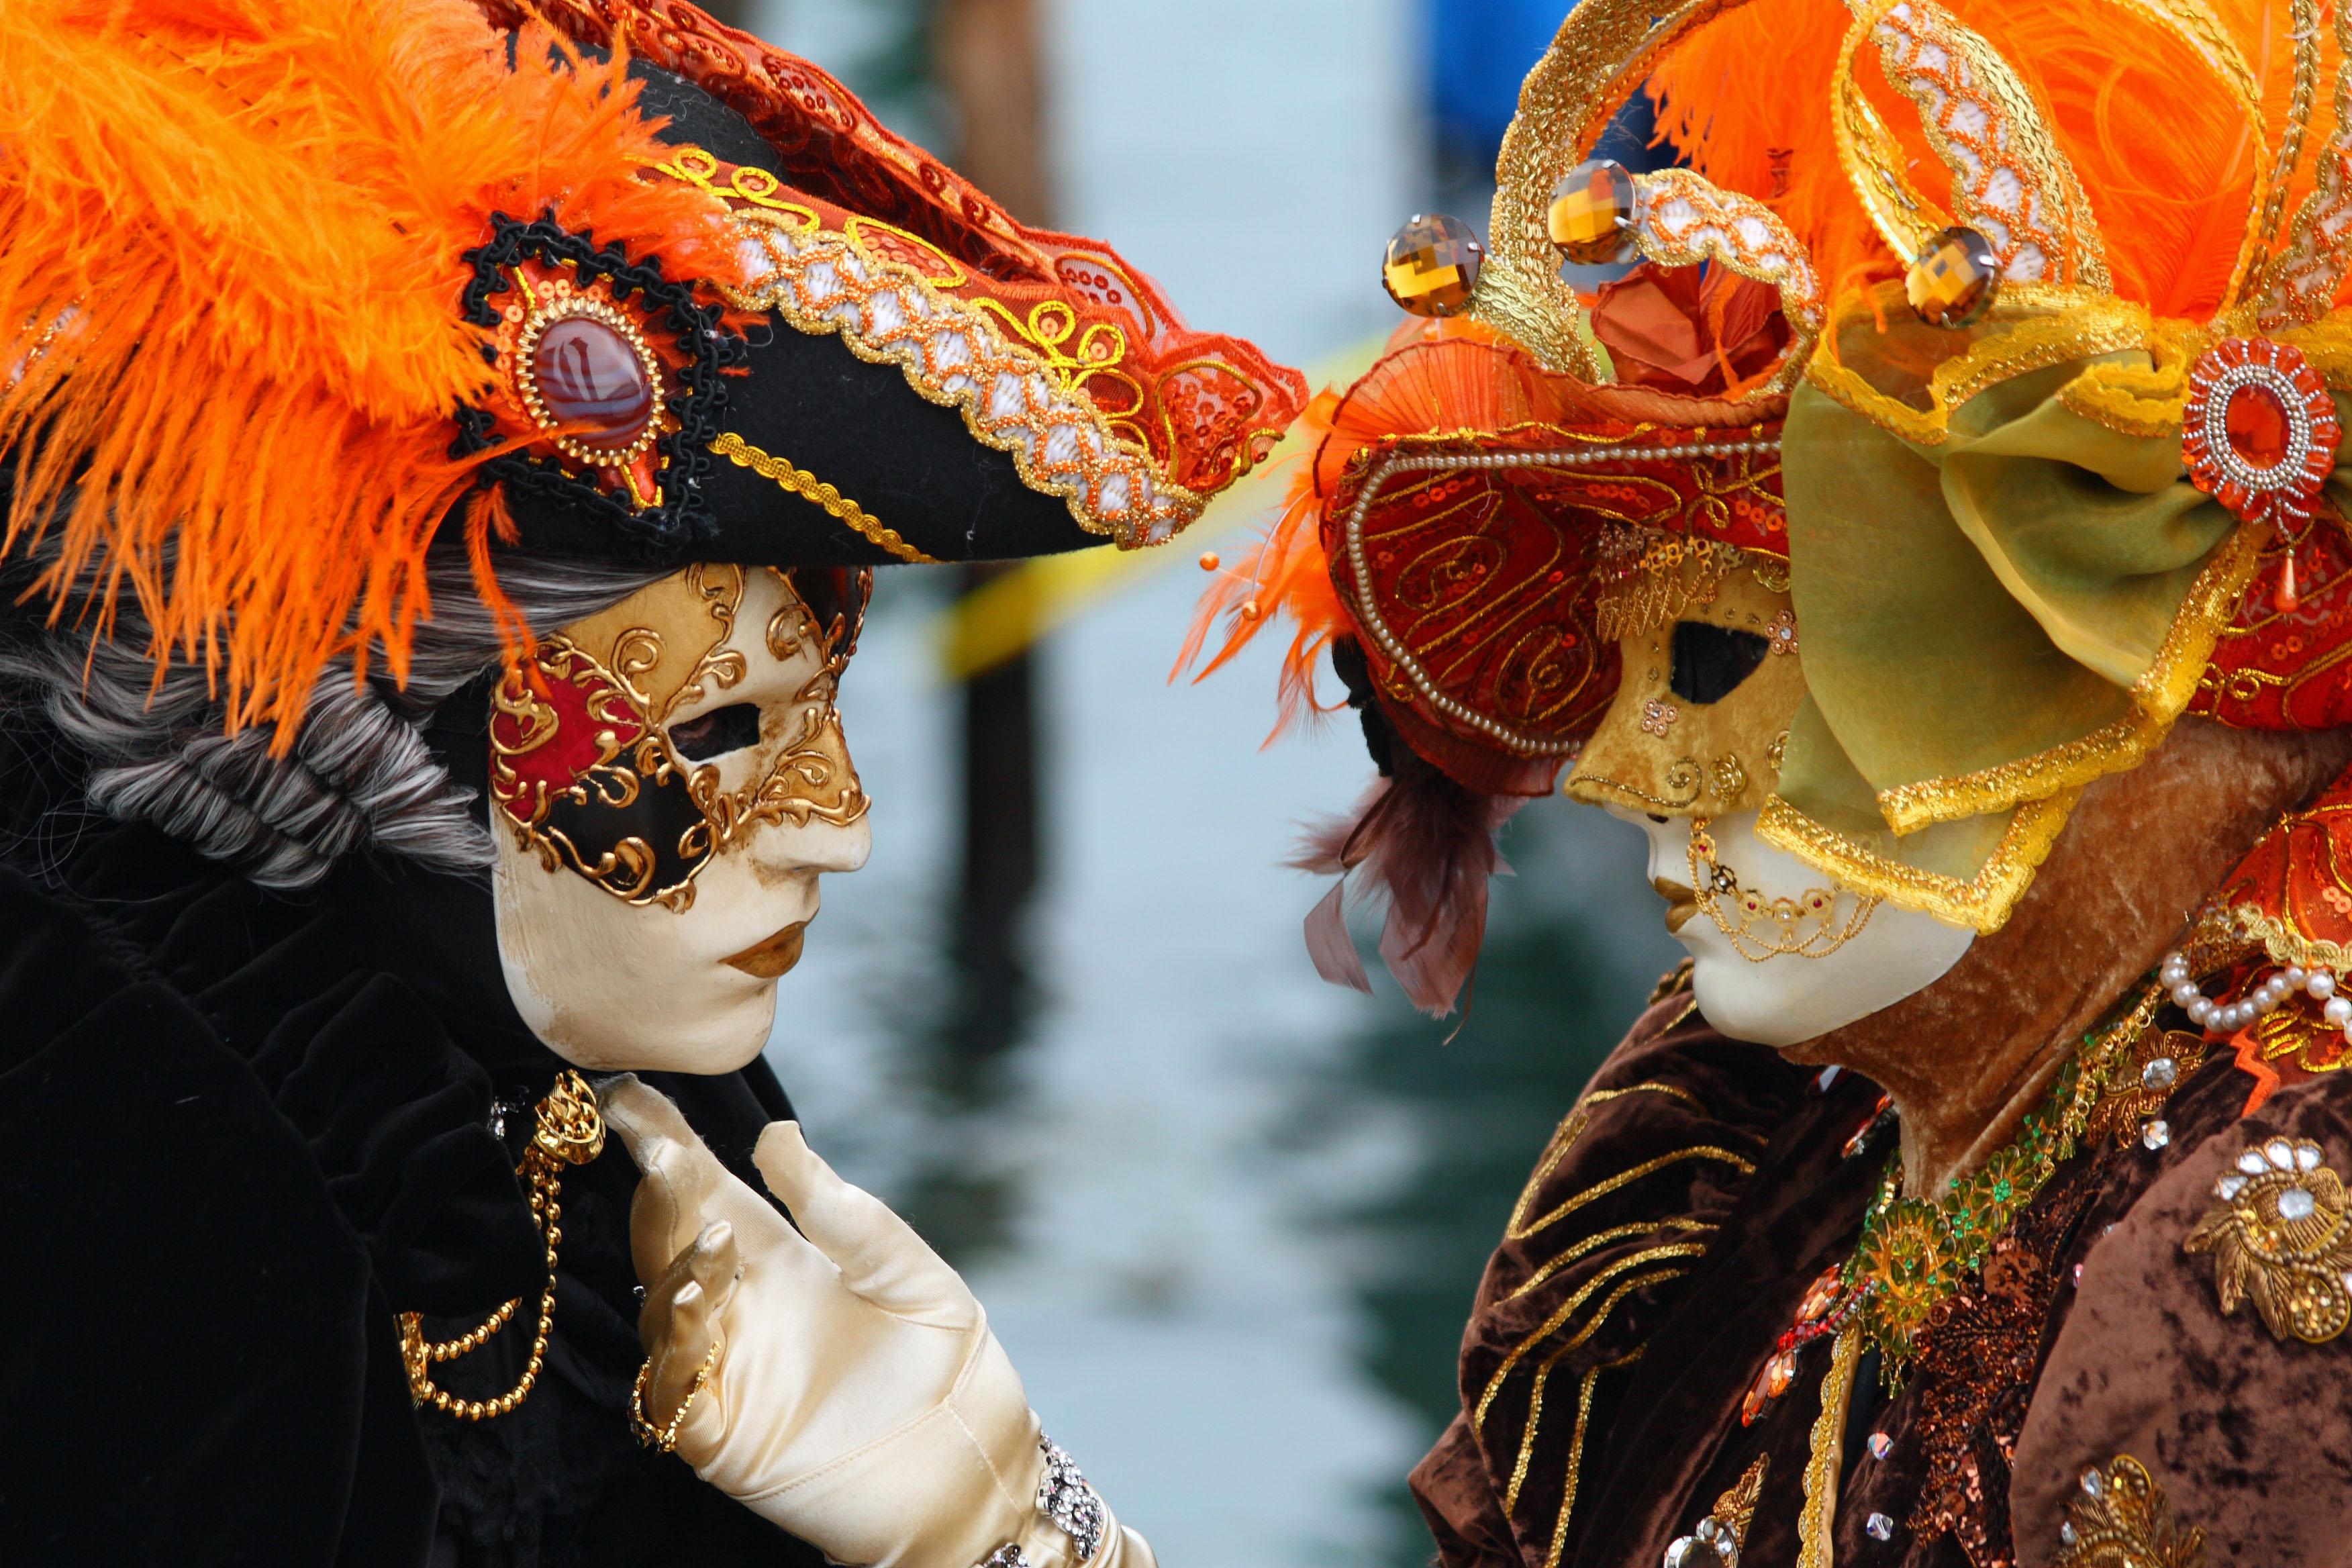 Carnevale 2014 in Italia: gli appuntamenti più attesi